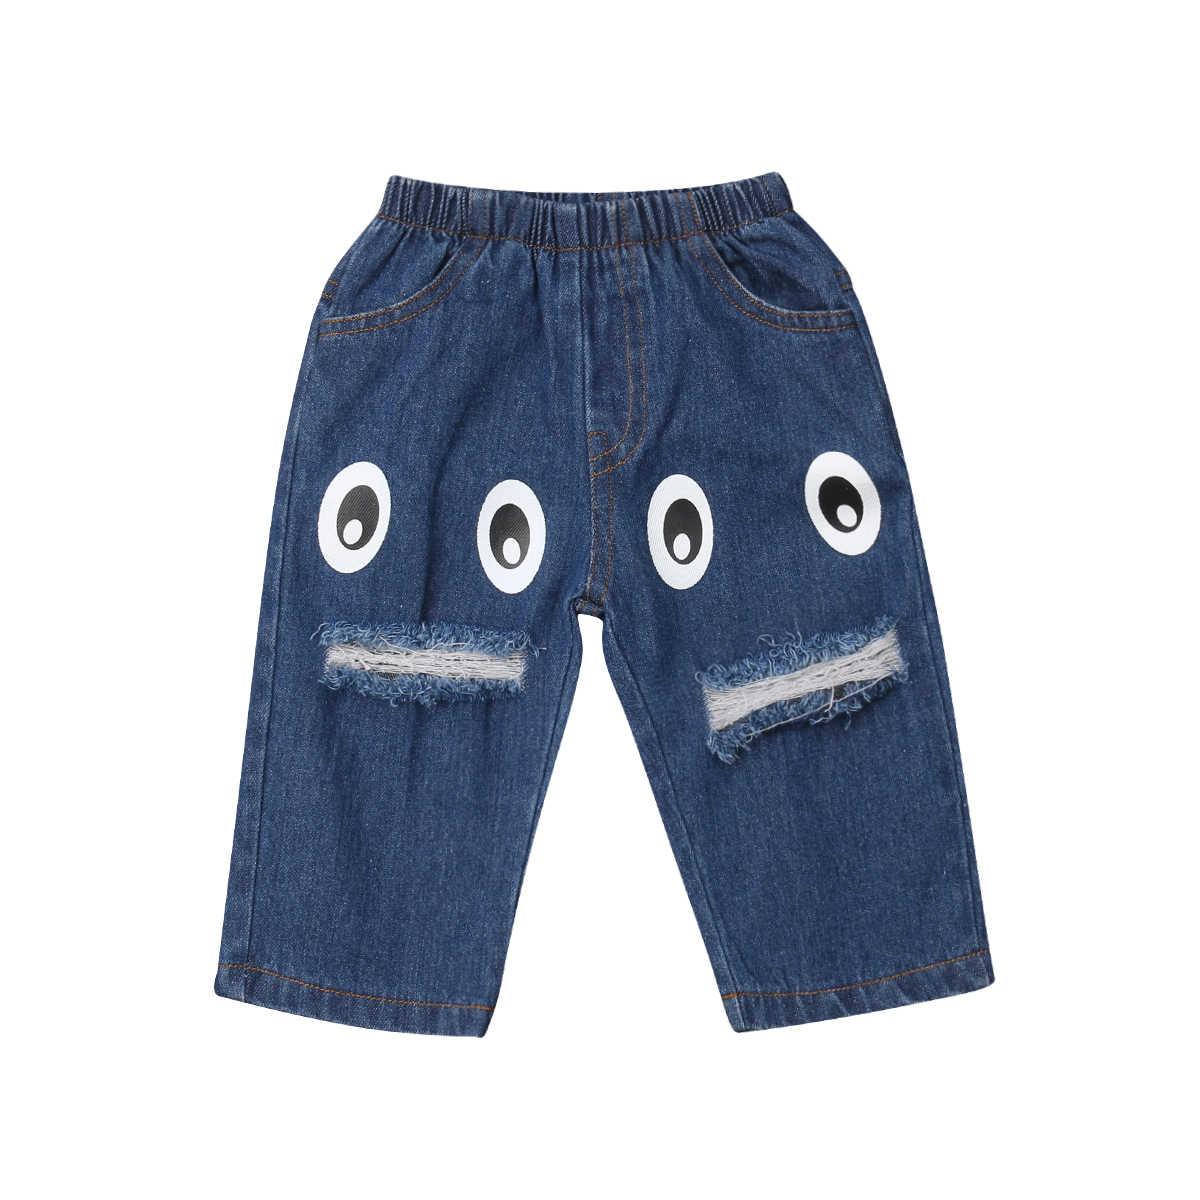 Ninos Bebe Ninos Denim Ojos Agujero Pantalones Largos Pantalones De Nino Pantalones Casual Vaqueros Aliexpress